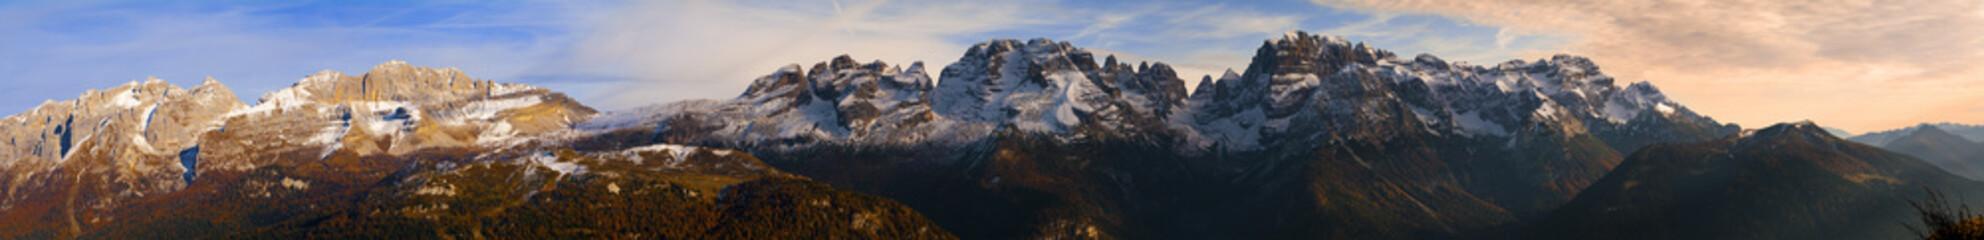 Panoramica Brenta Dolomity © Stegrim